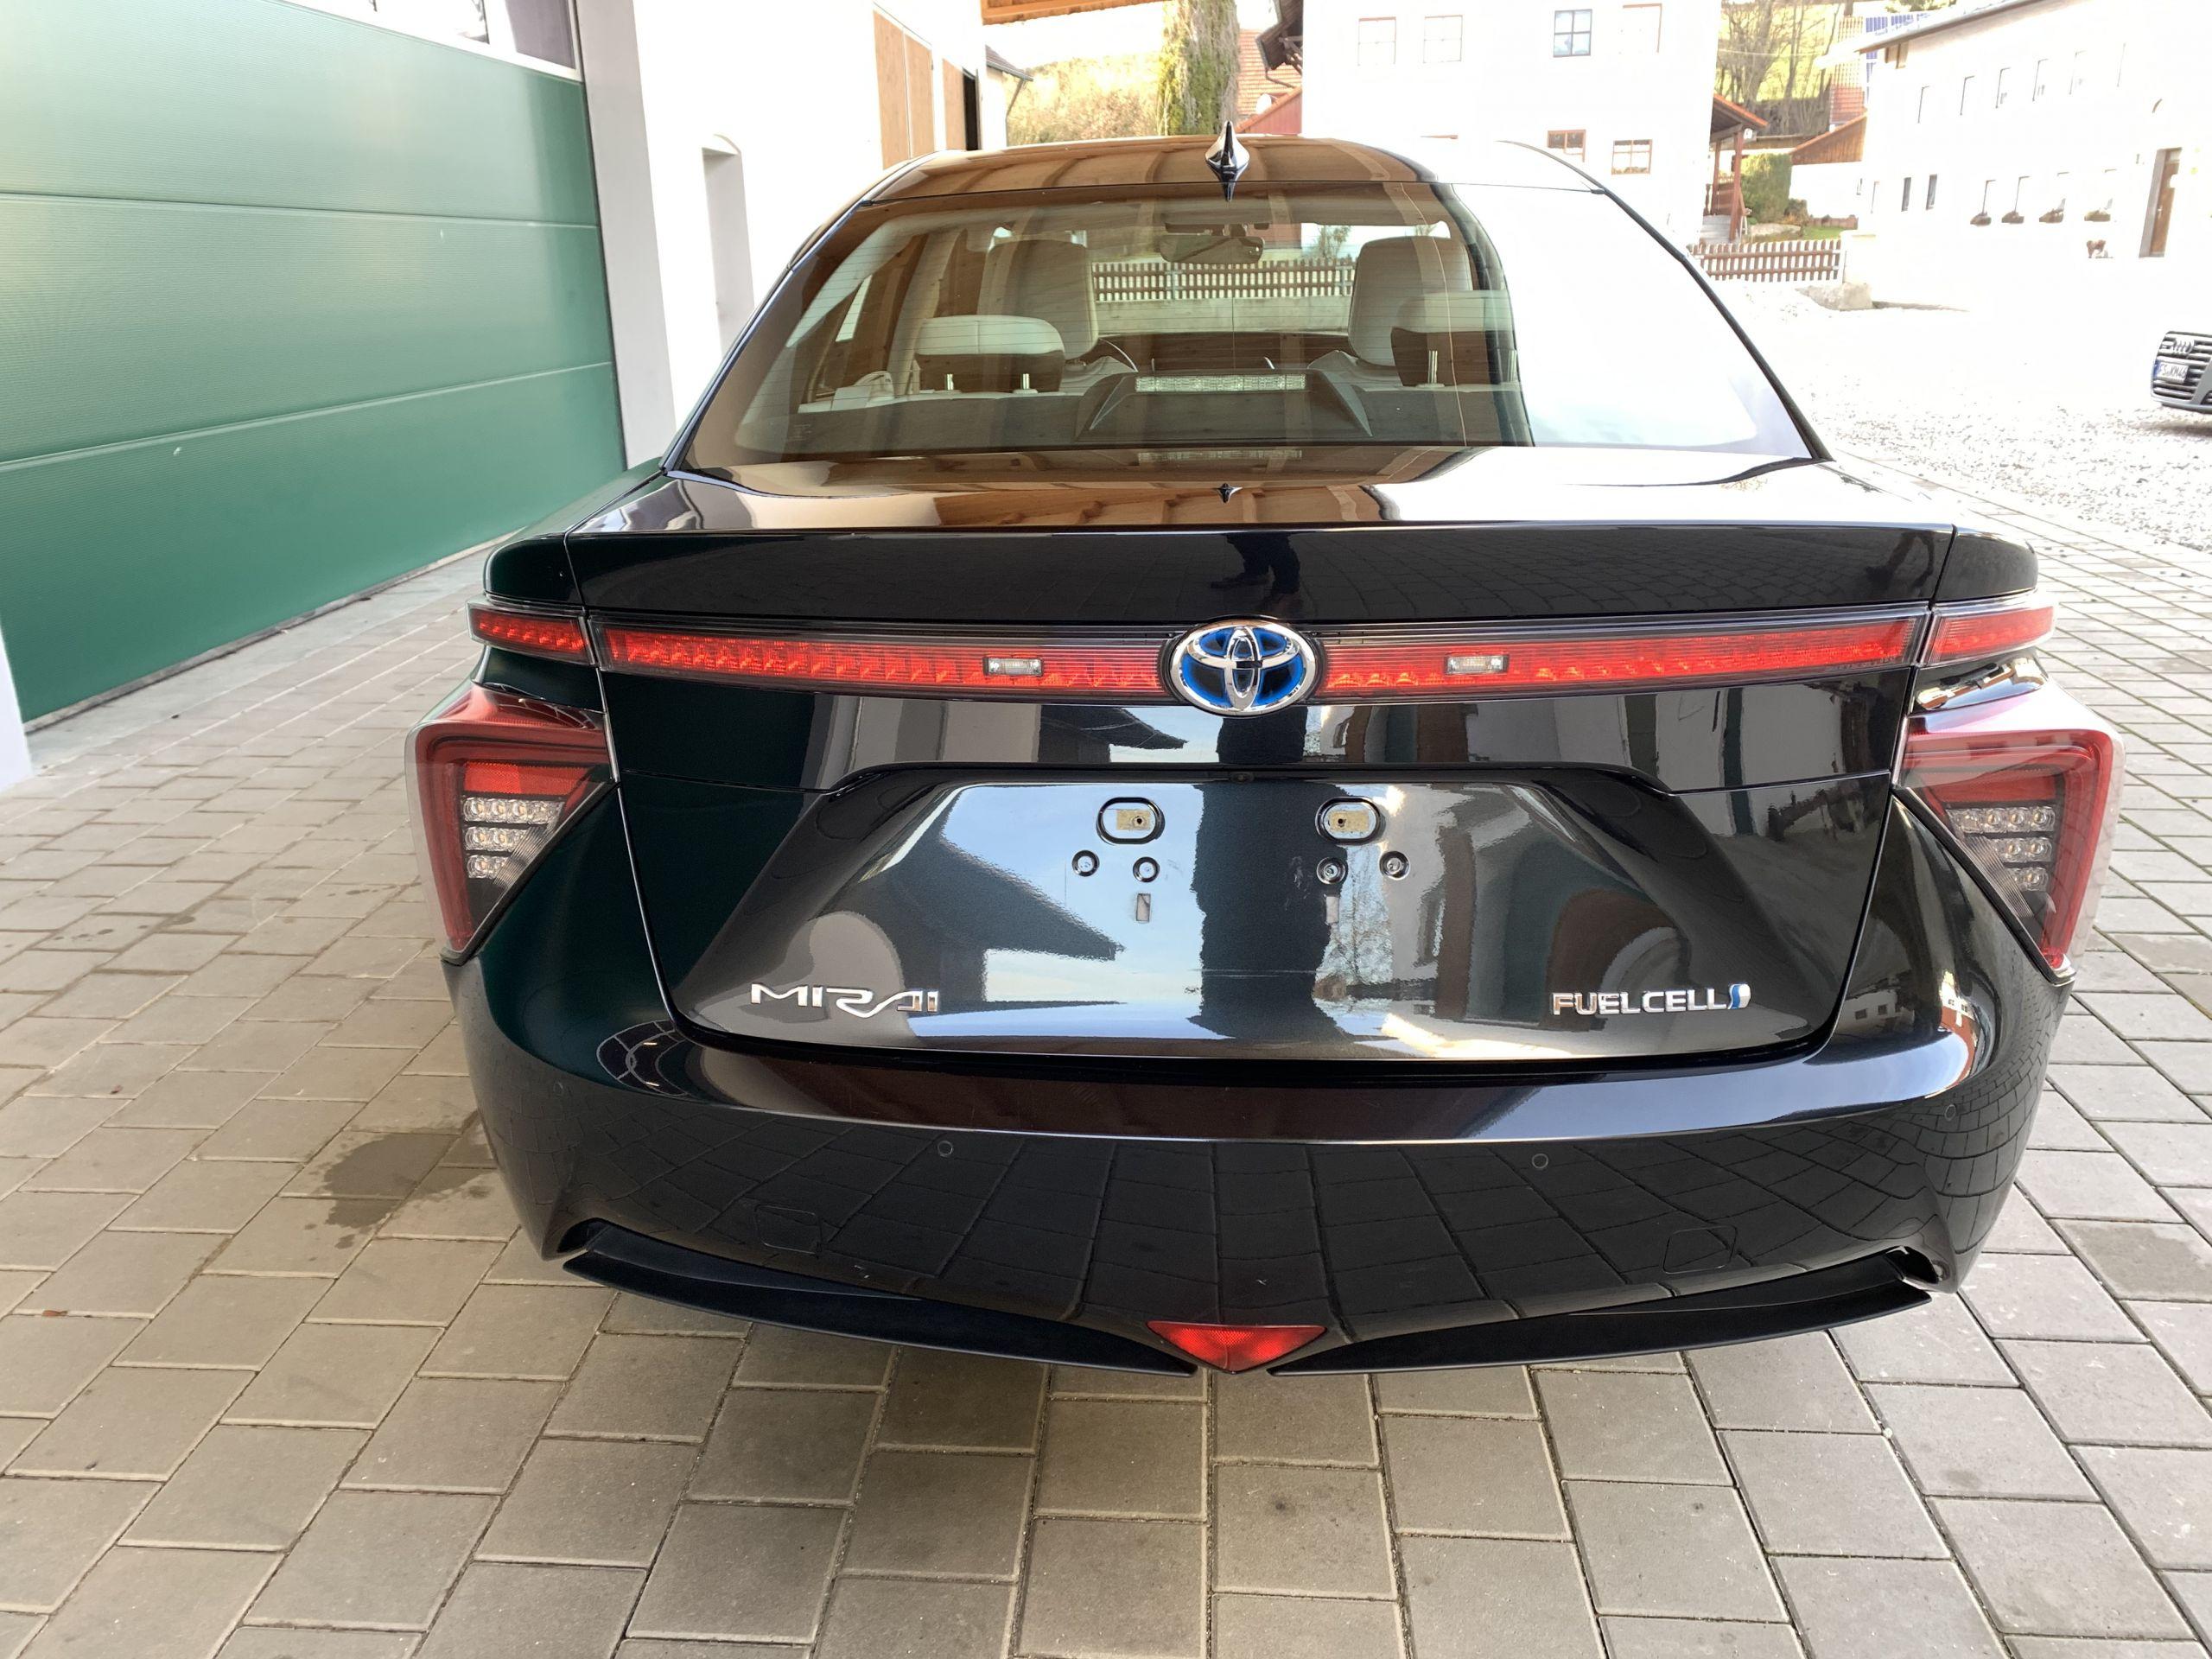 Schwarzer Gebraucht Toyota Mirai Wasserstoff Brennstoffzelle zu verkaufen Deutschland 11